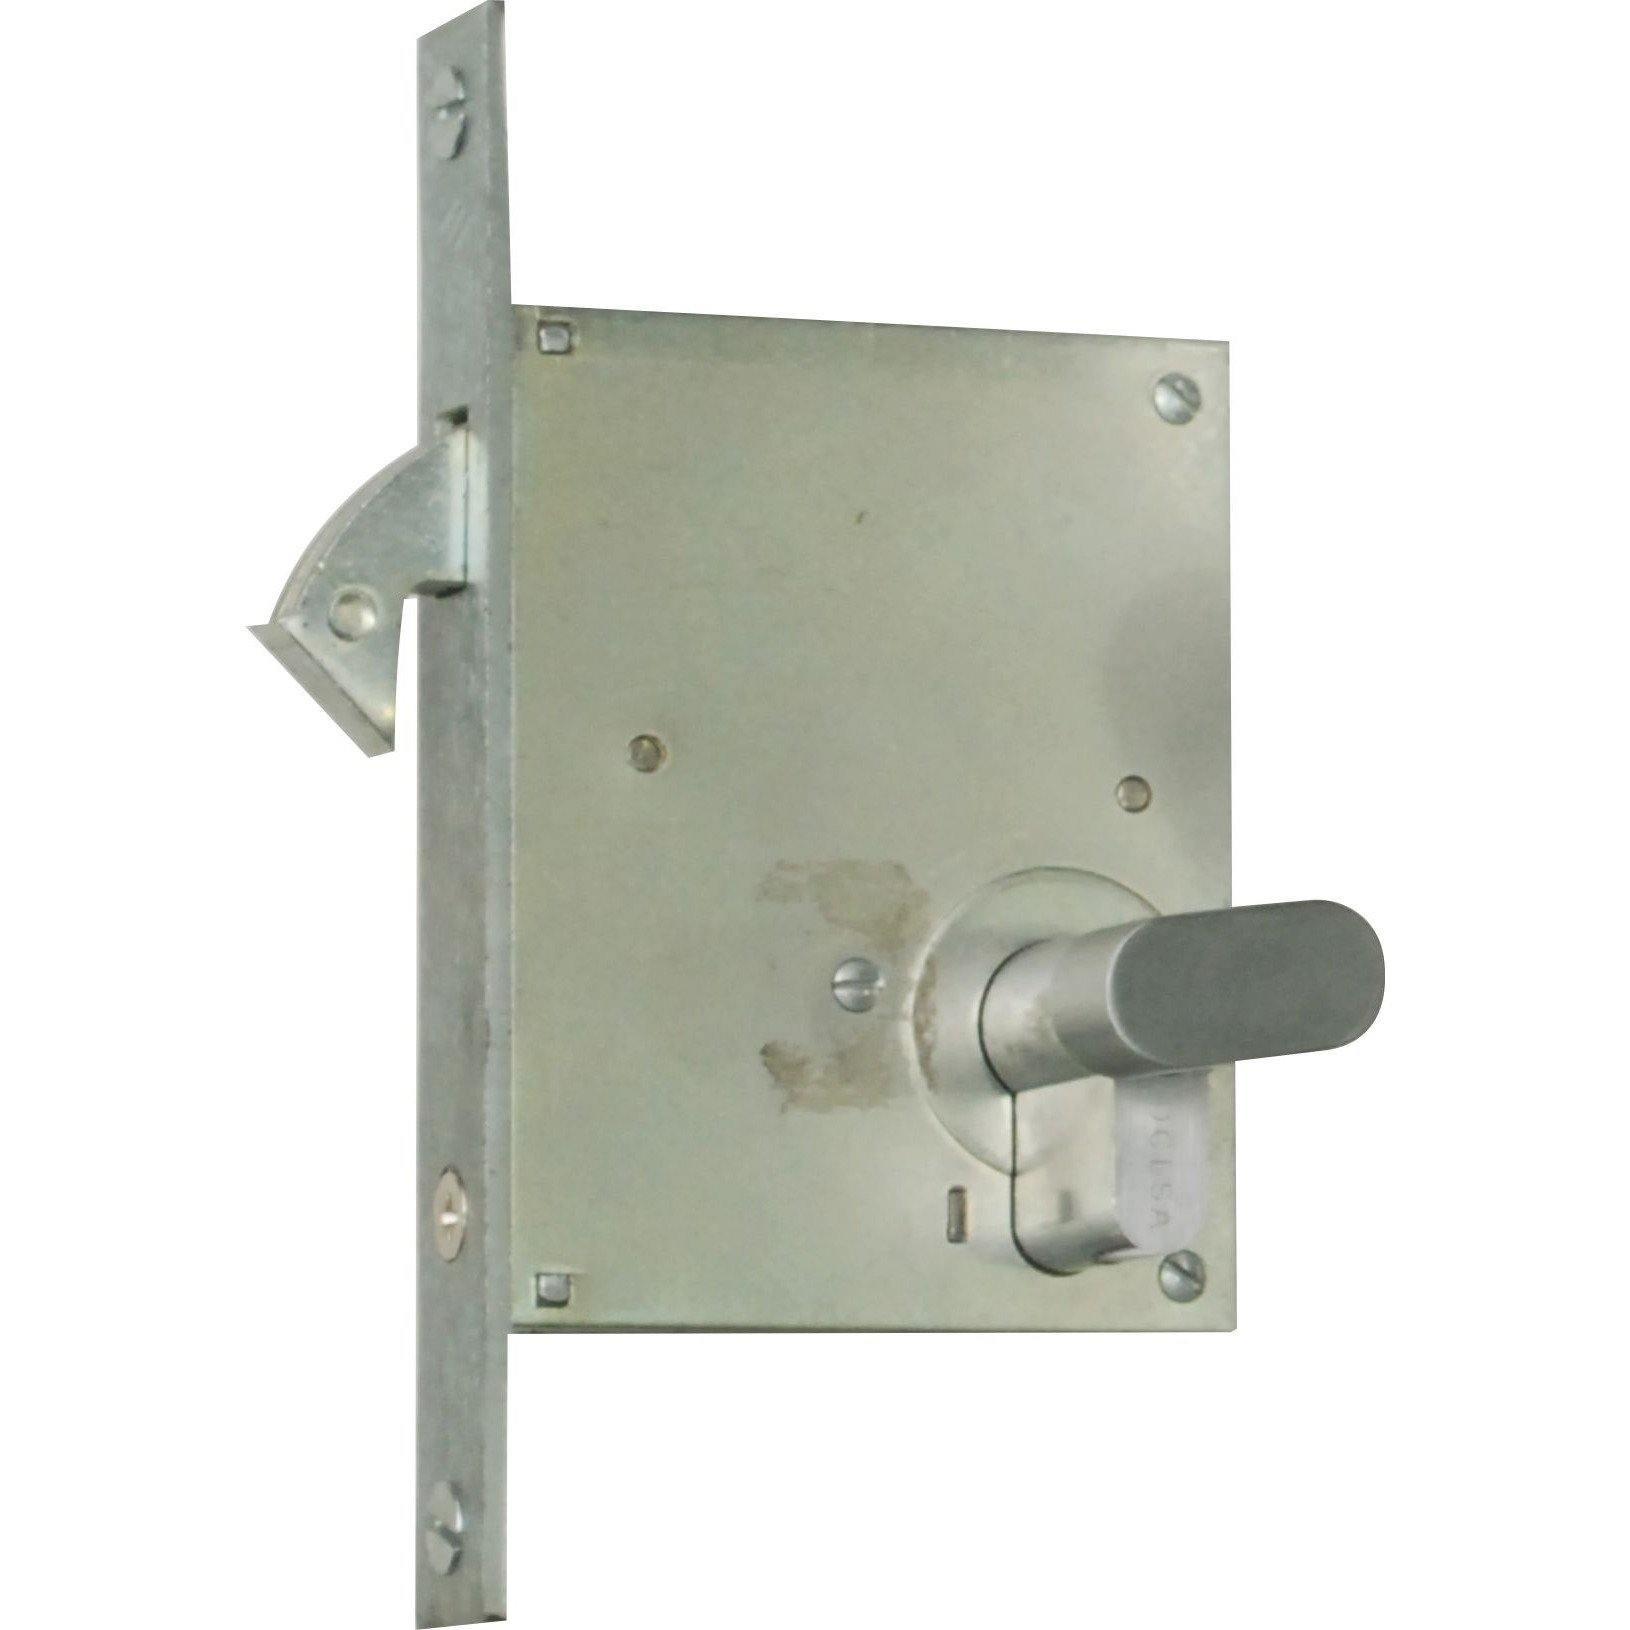 Hook lock for wooden sliding door (Lock Body Only)